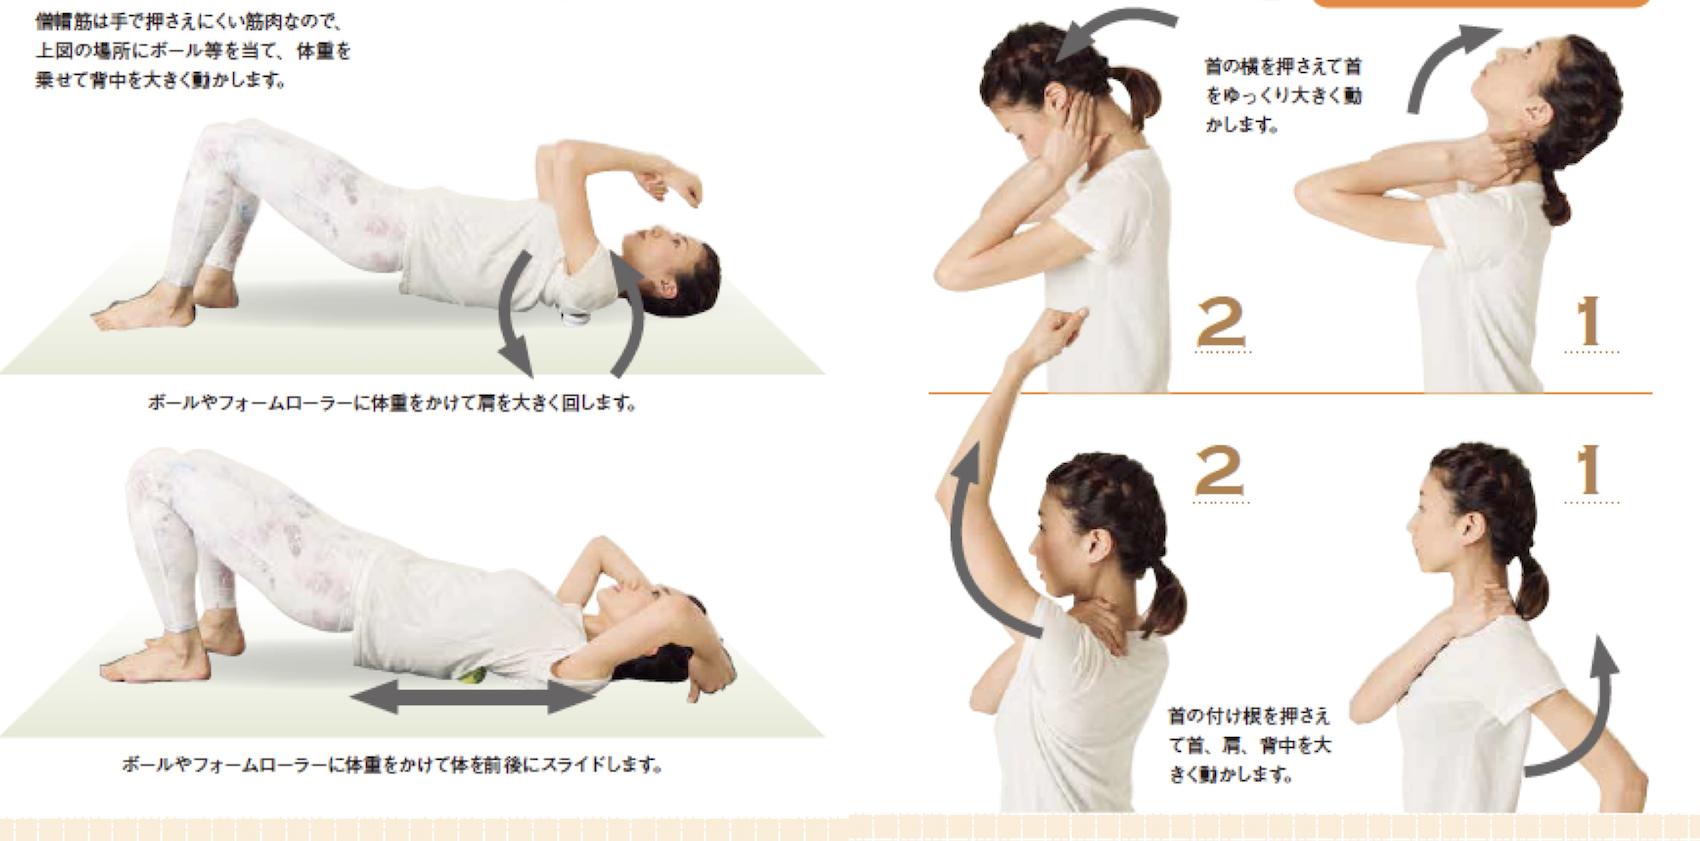 首のこった部分を圧迫する筋膜アプローチ